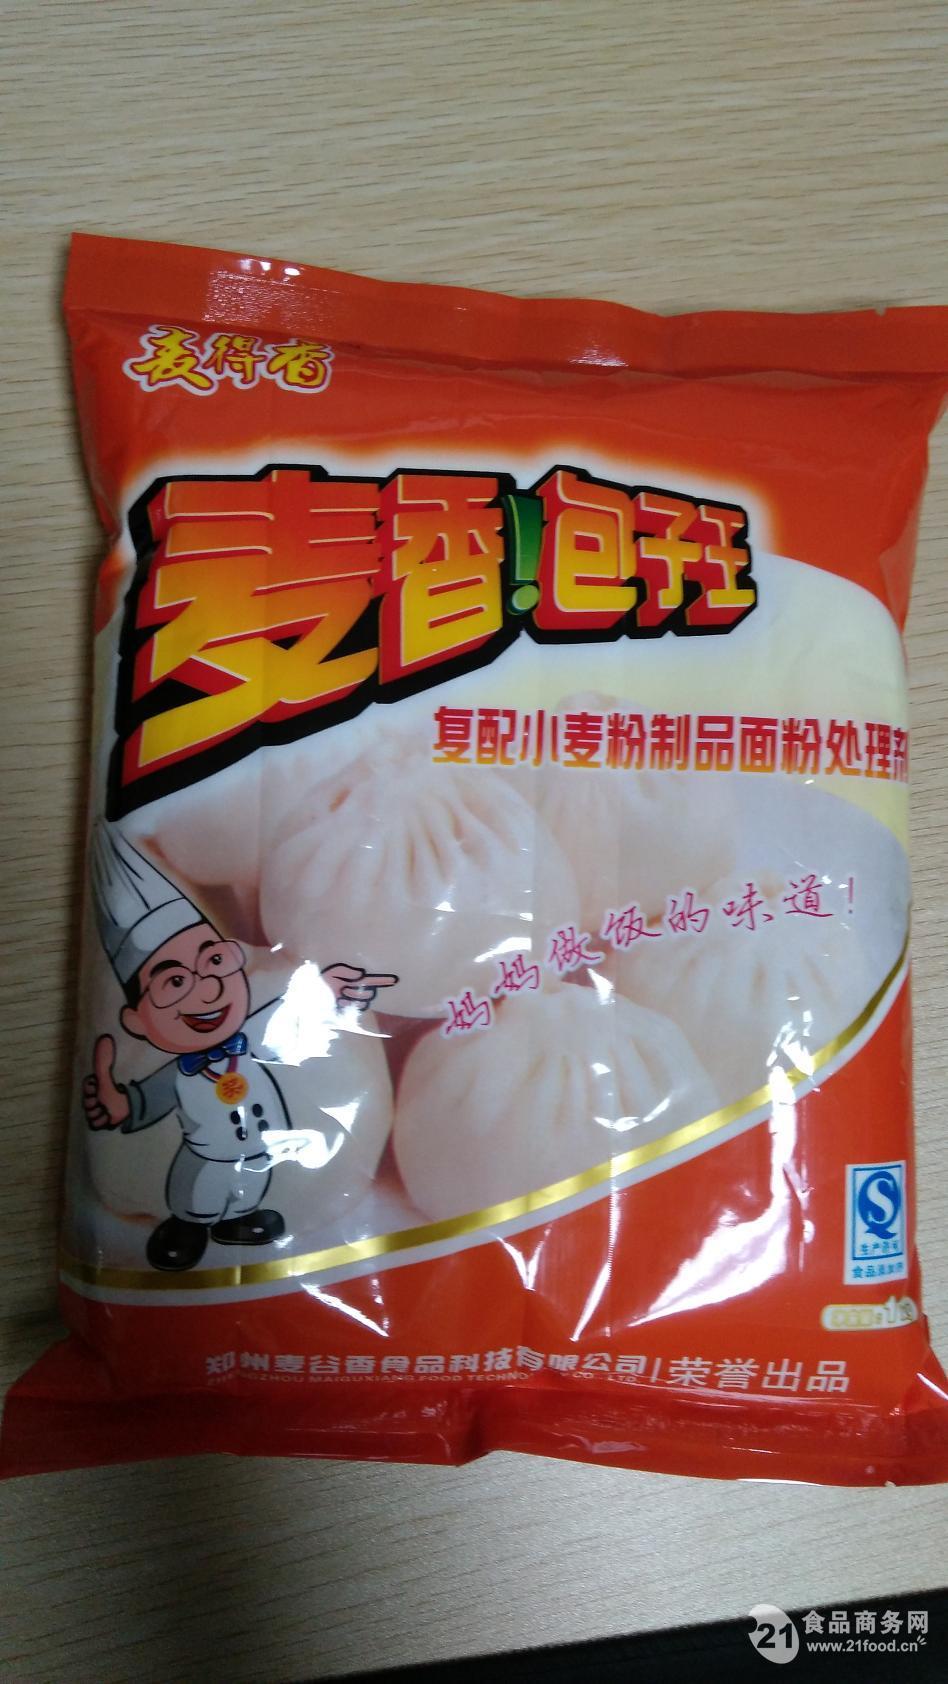 麦得香麦香包子王招商 郑州 品质改良剂 食品商务网高清图片